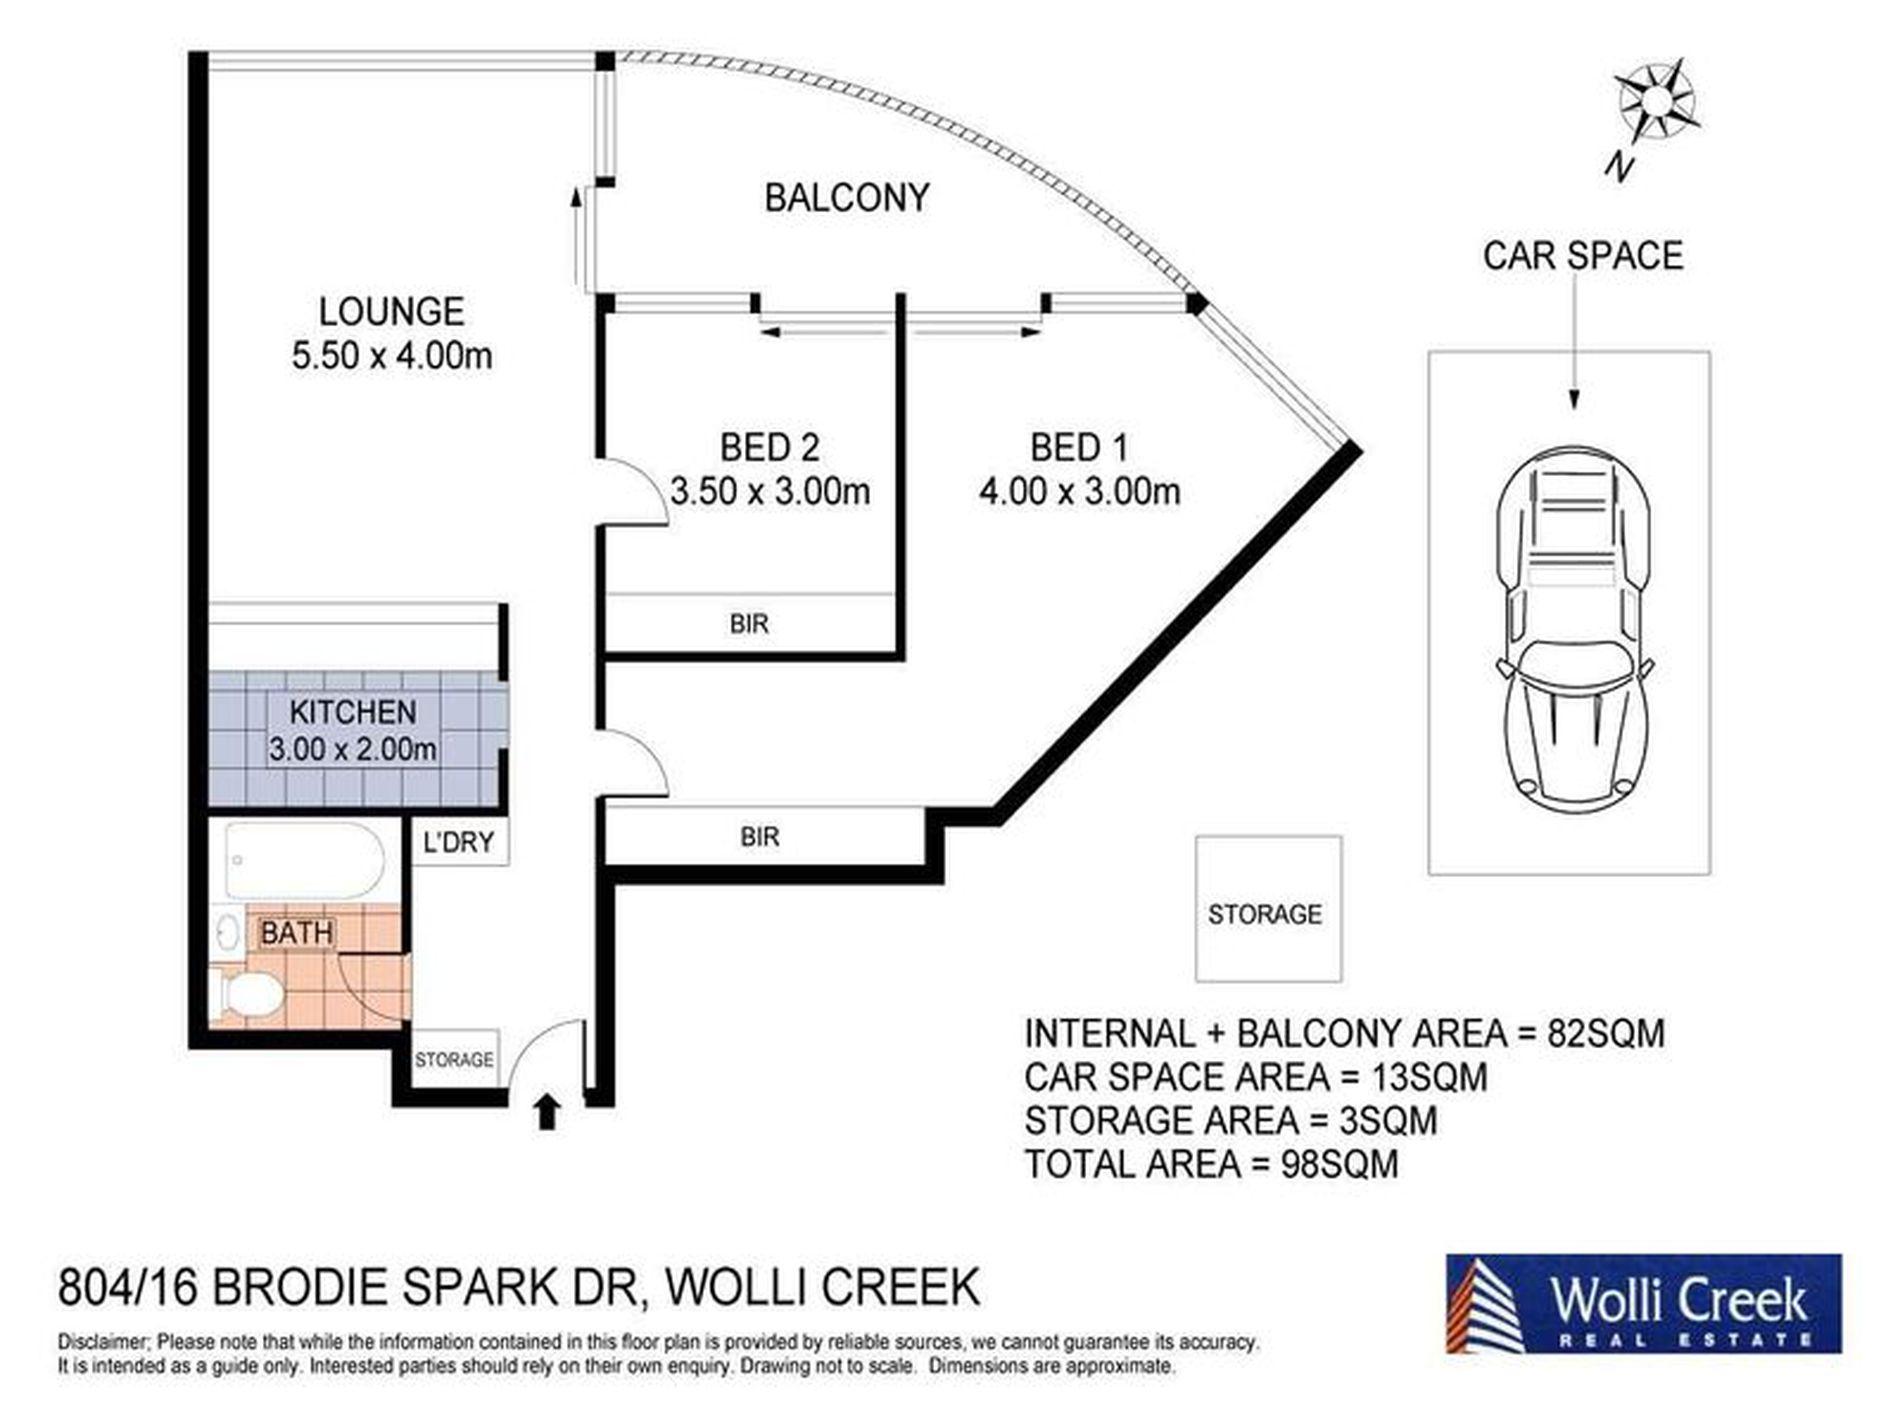 804 / 16 Brodie Spark Drive, Wolli Creek